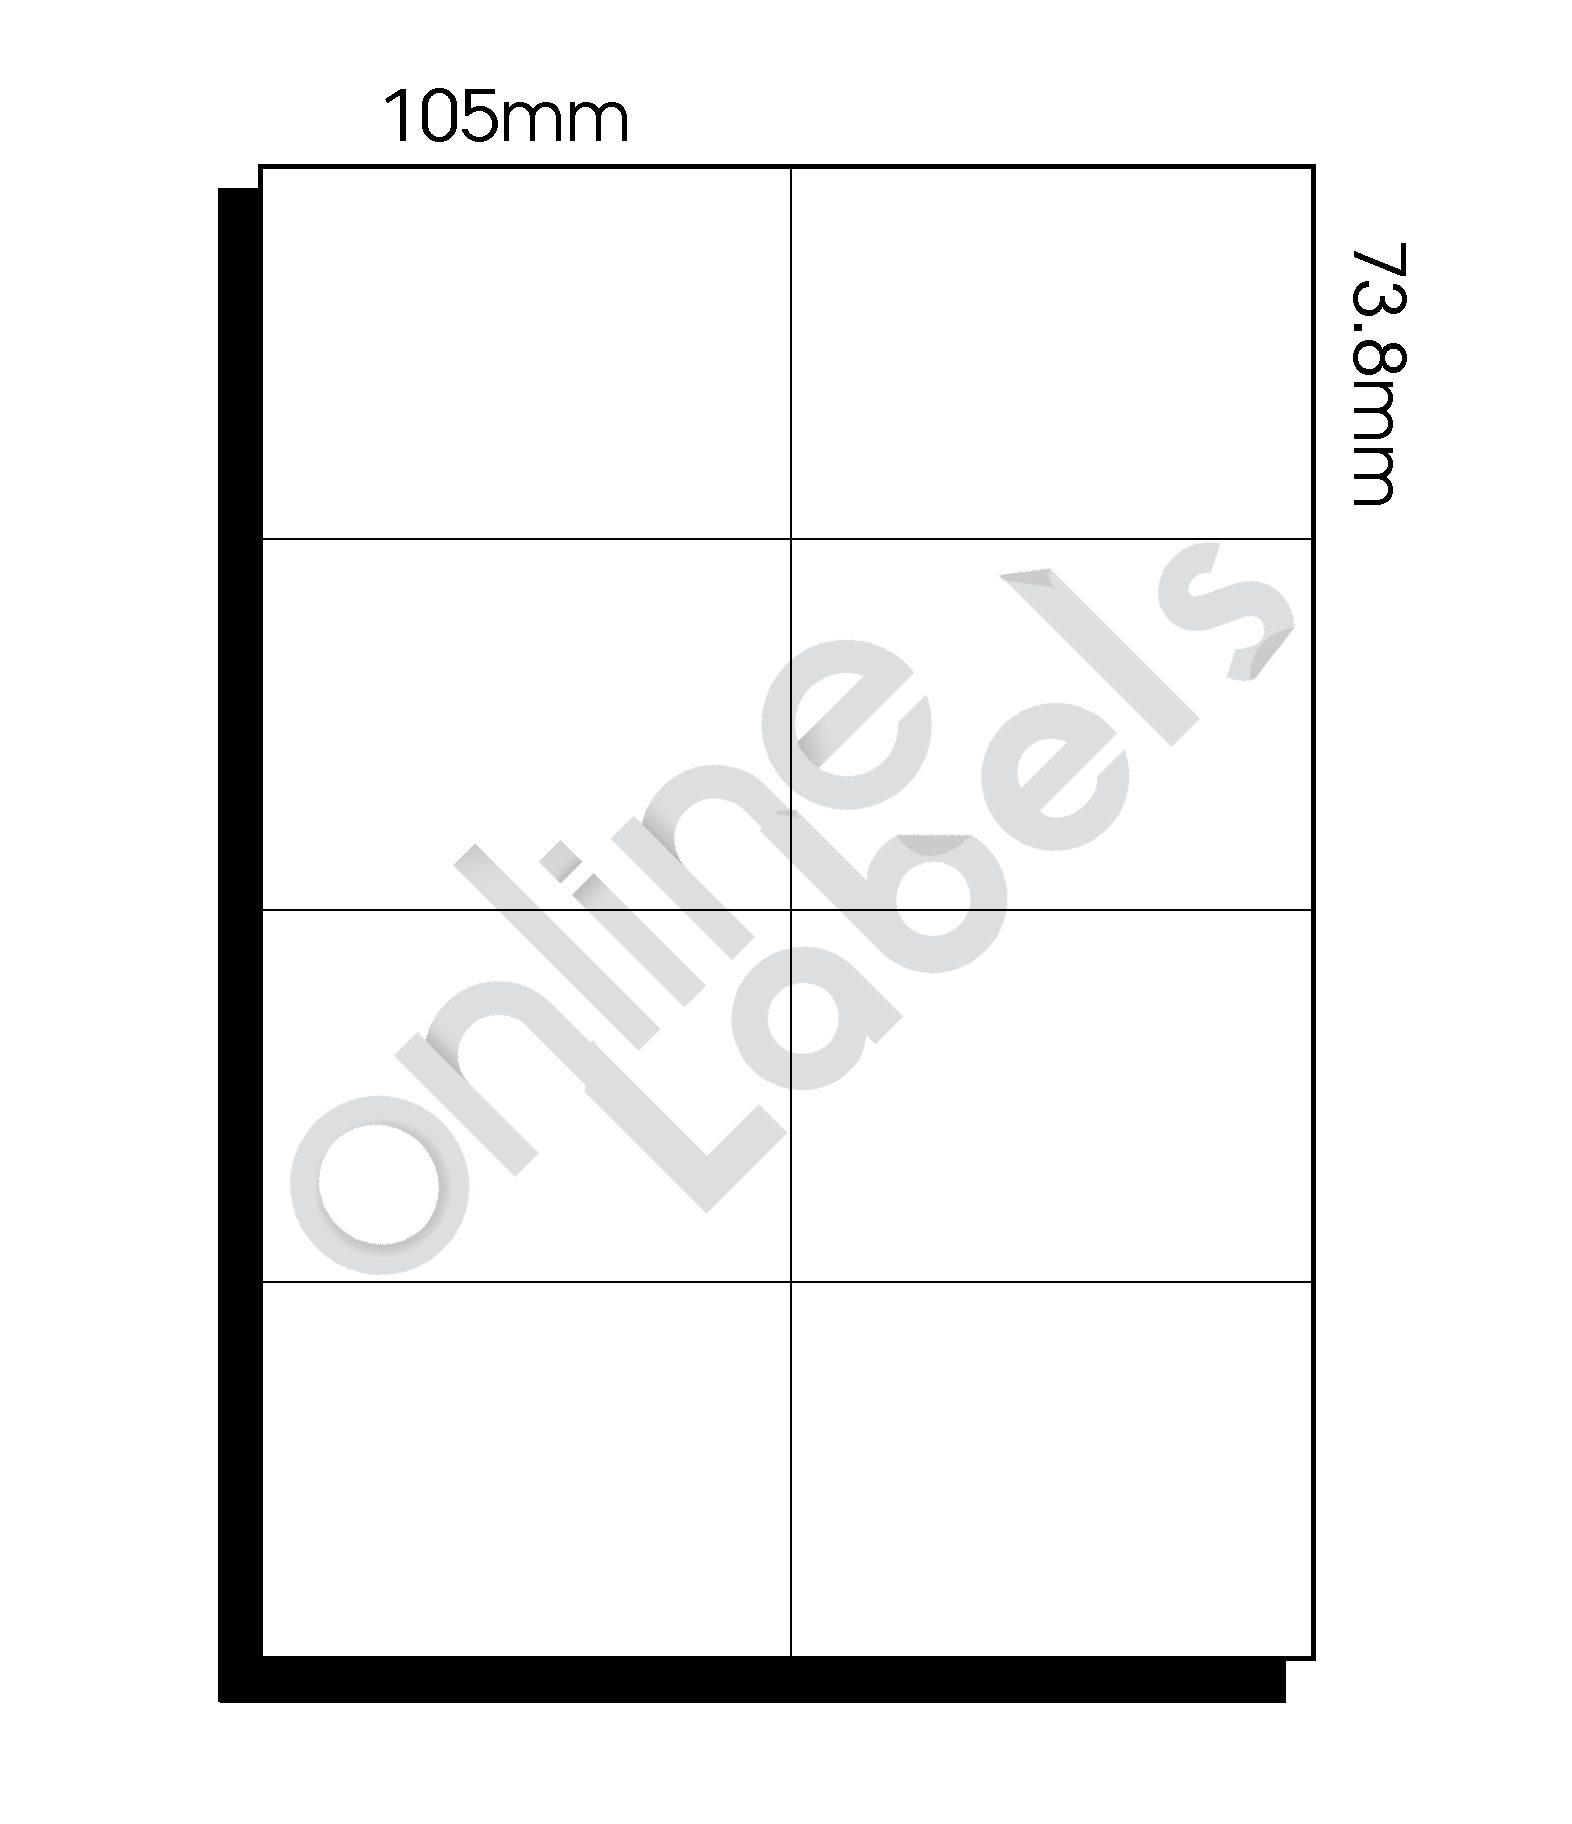 105mm x 73.8mm (014) – 8 Labels per Sheet